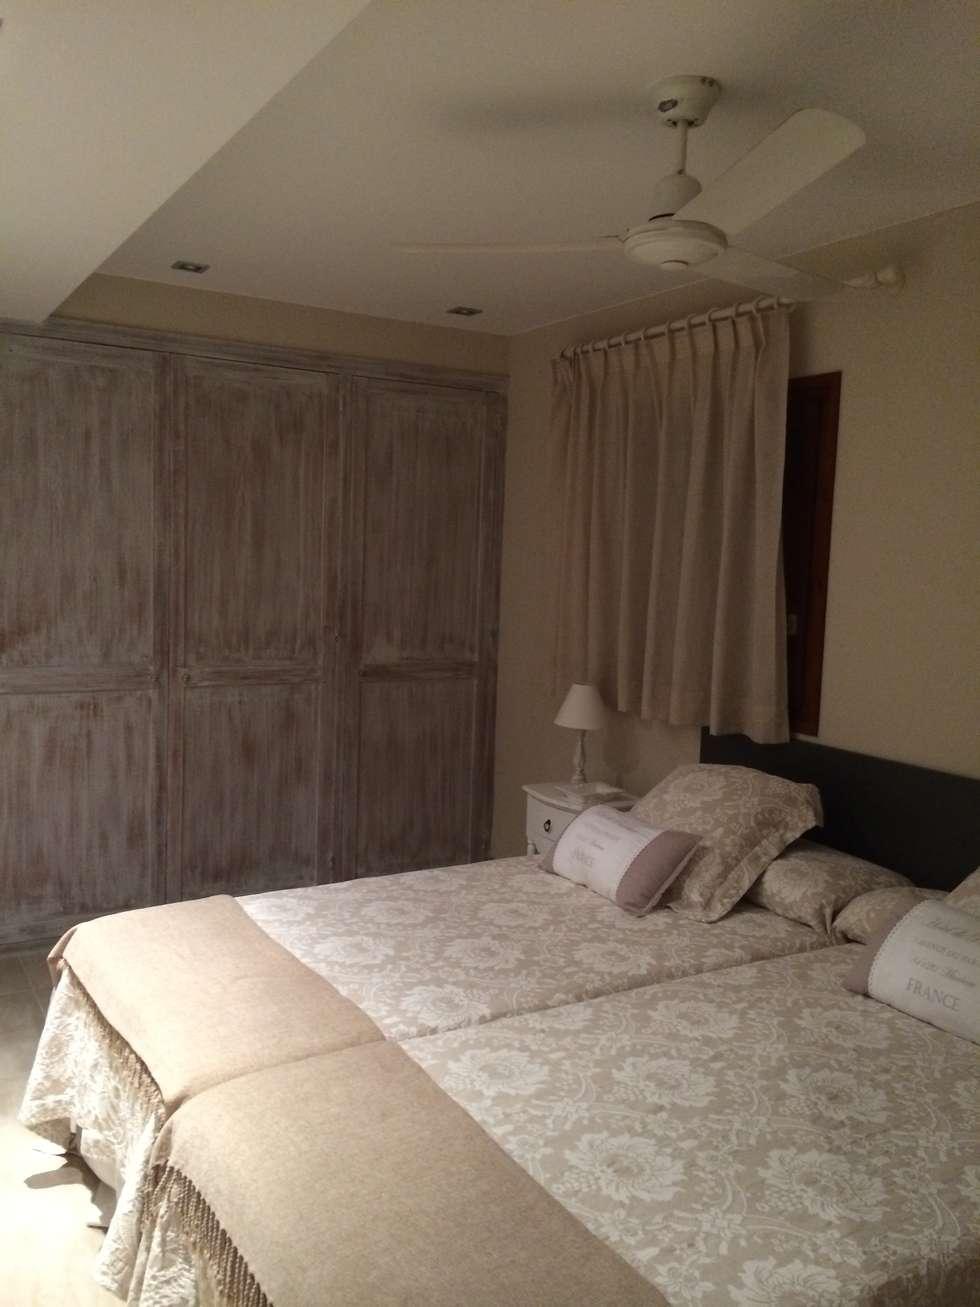 Dormitorio: Dormitorios de estilo clásico de DE DIEGO ZUAZO ARQUITECTOS